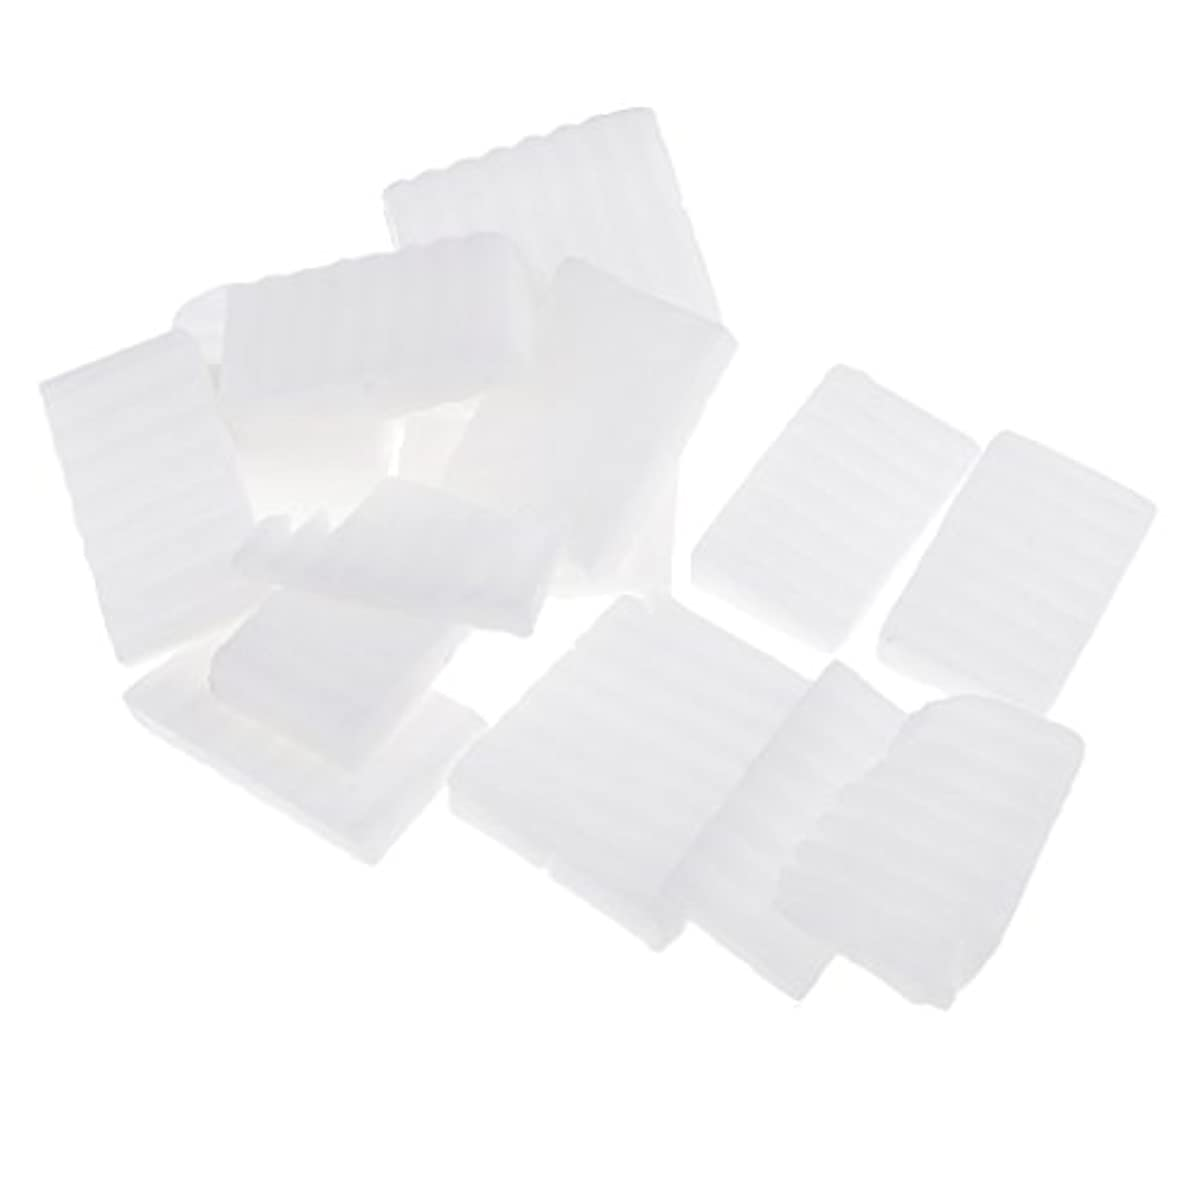 増加する流出デコードする約500g ホワイト 石鹸ベース DIY 手作り 石鹸 材料